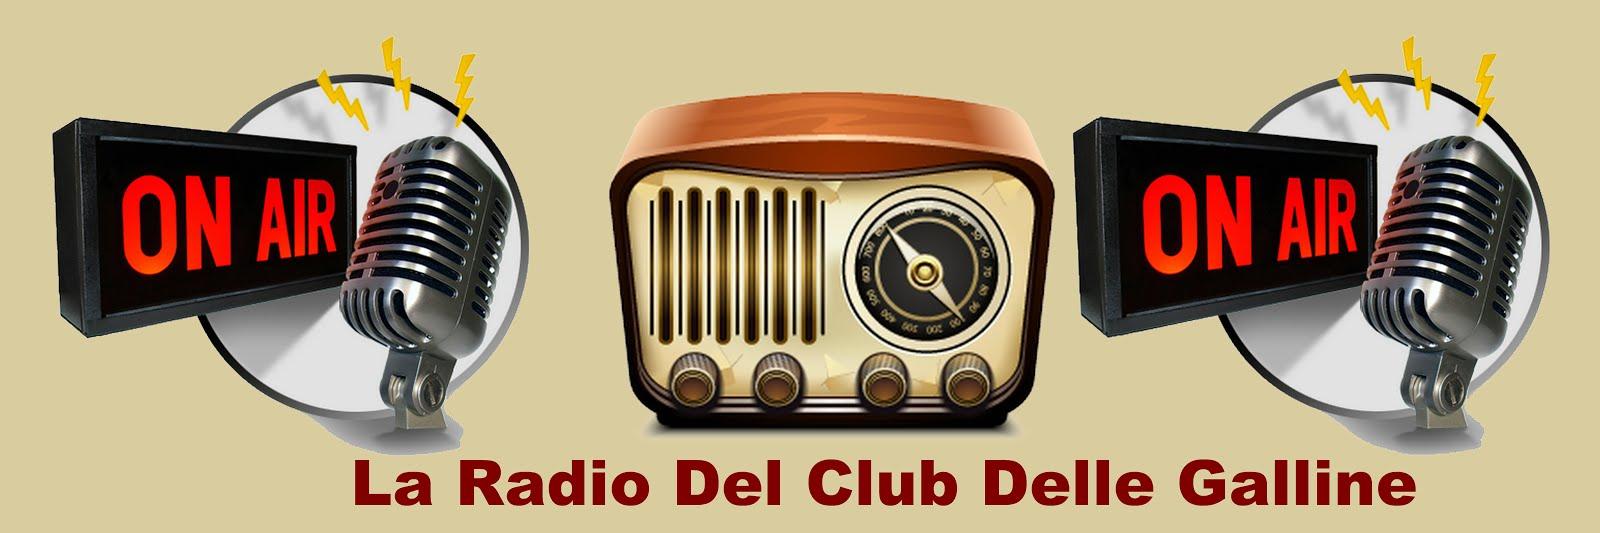 La Radio Del Club Delle Galline